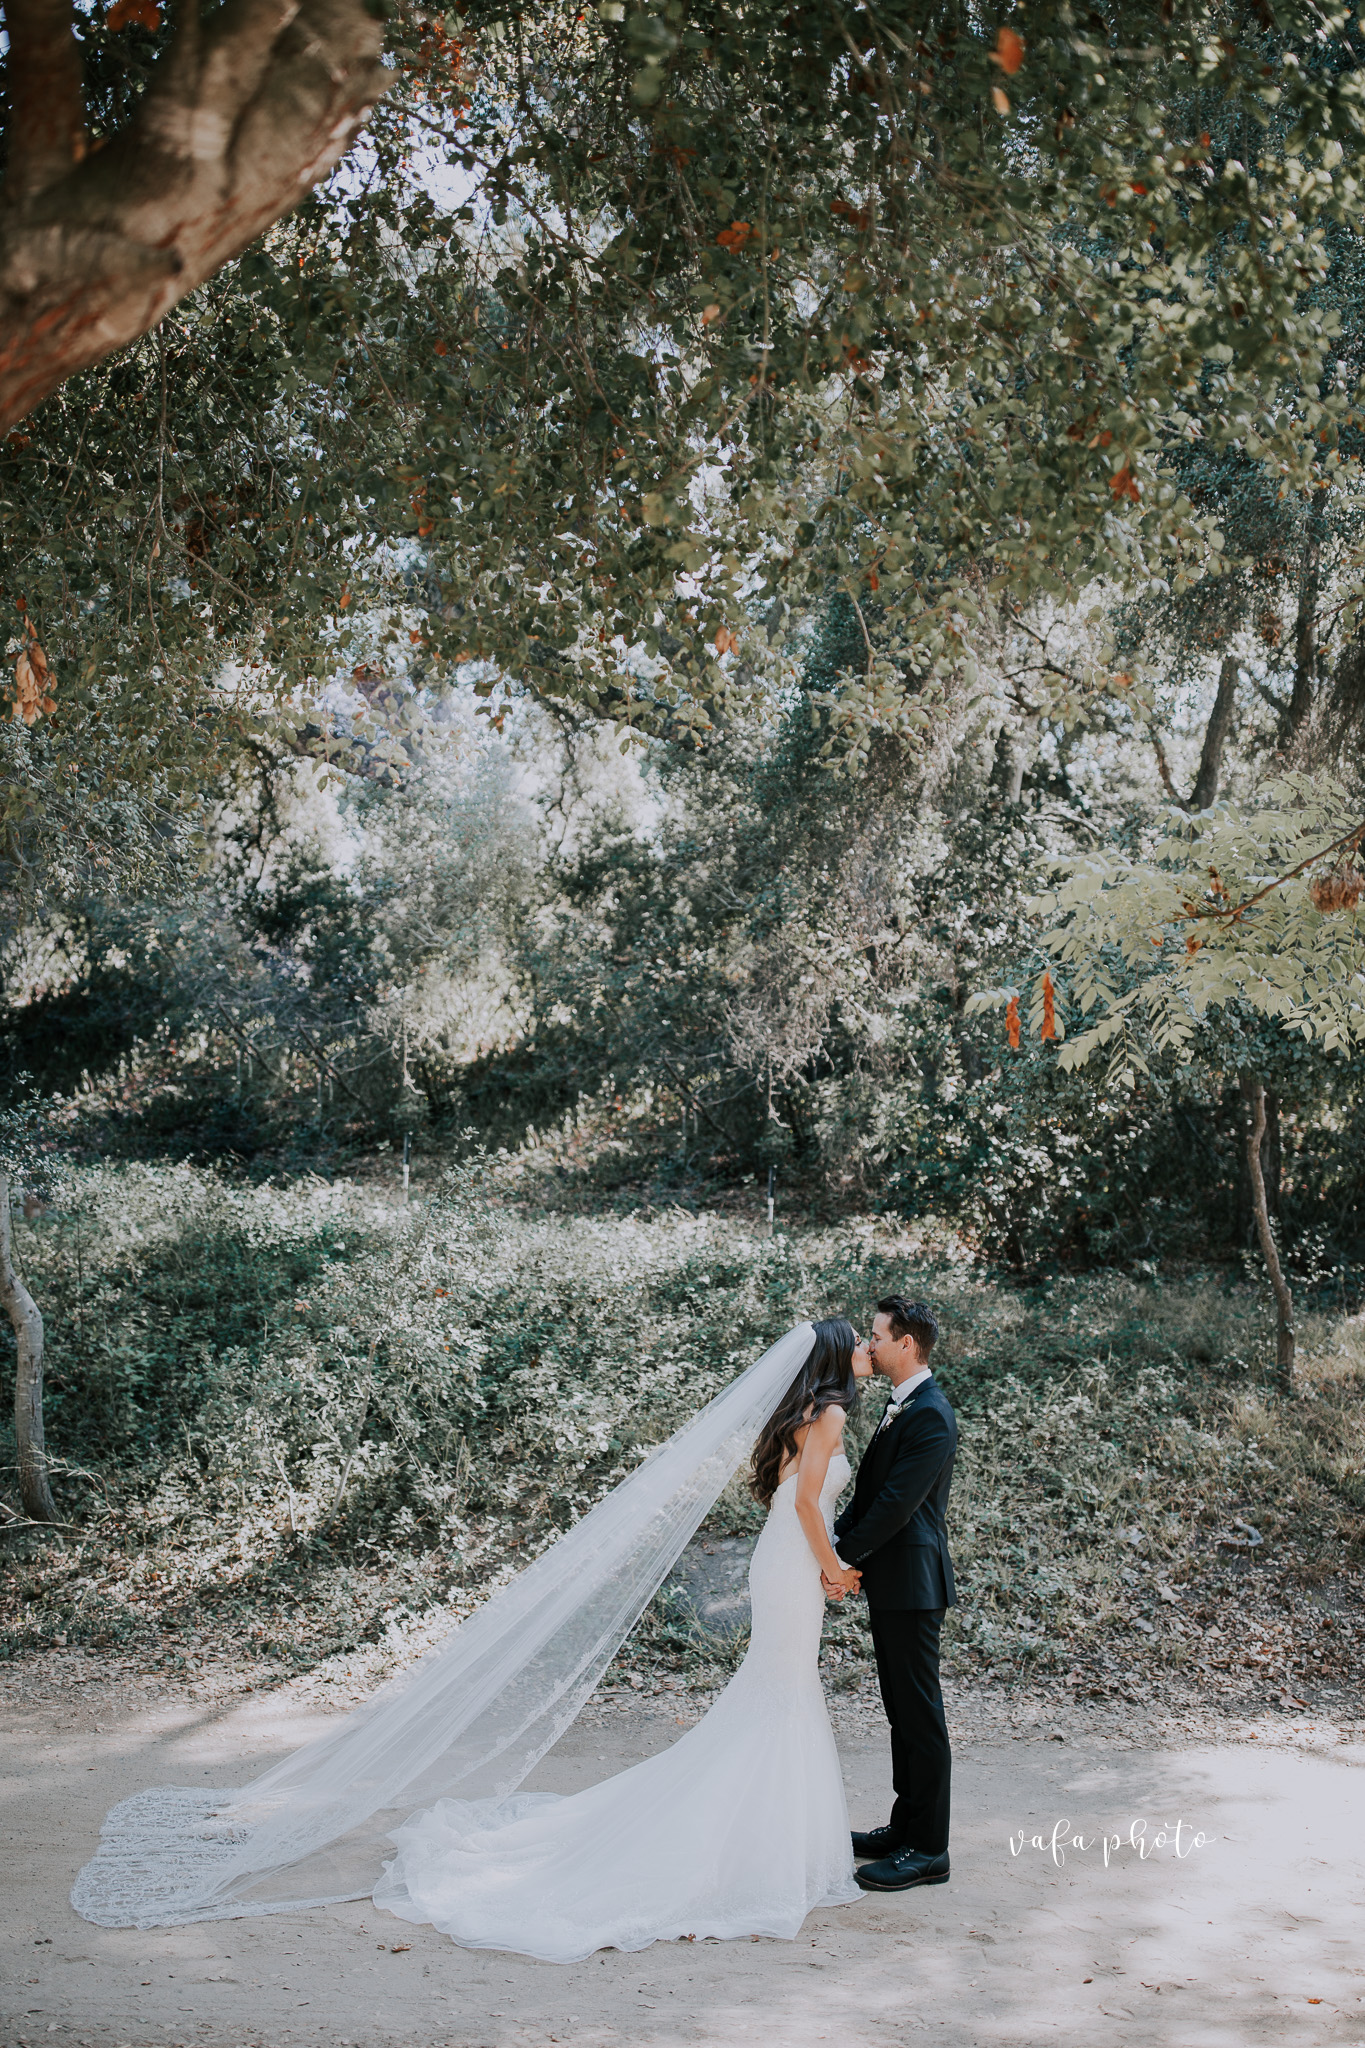 Southern-California-Wedding-Britt-Nilsson-Jeremy-Byrne-Vafa-Photo-228.jpg